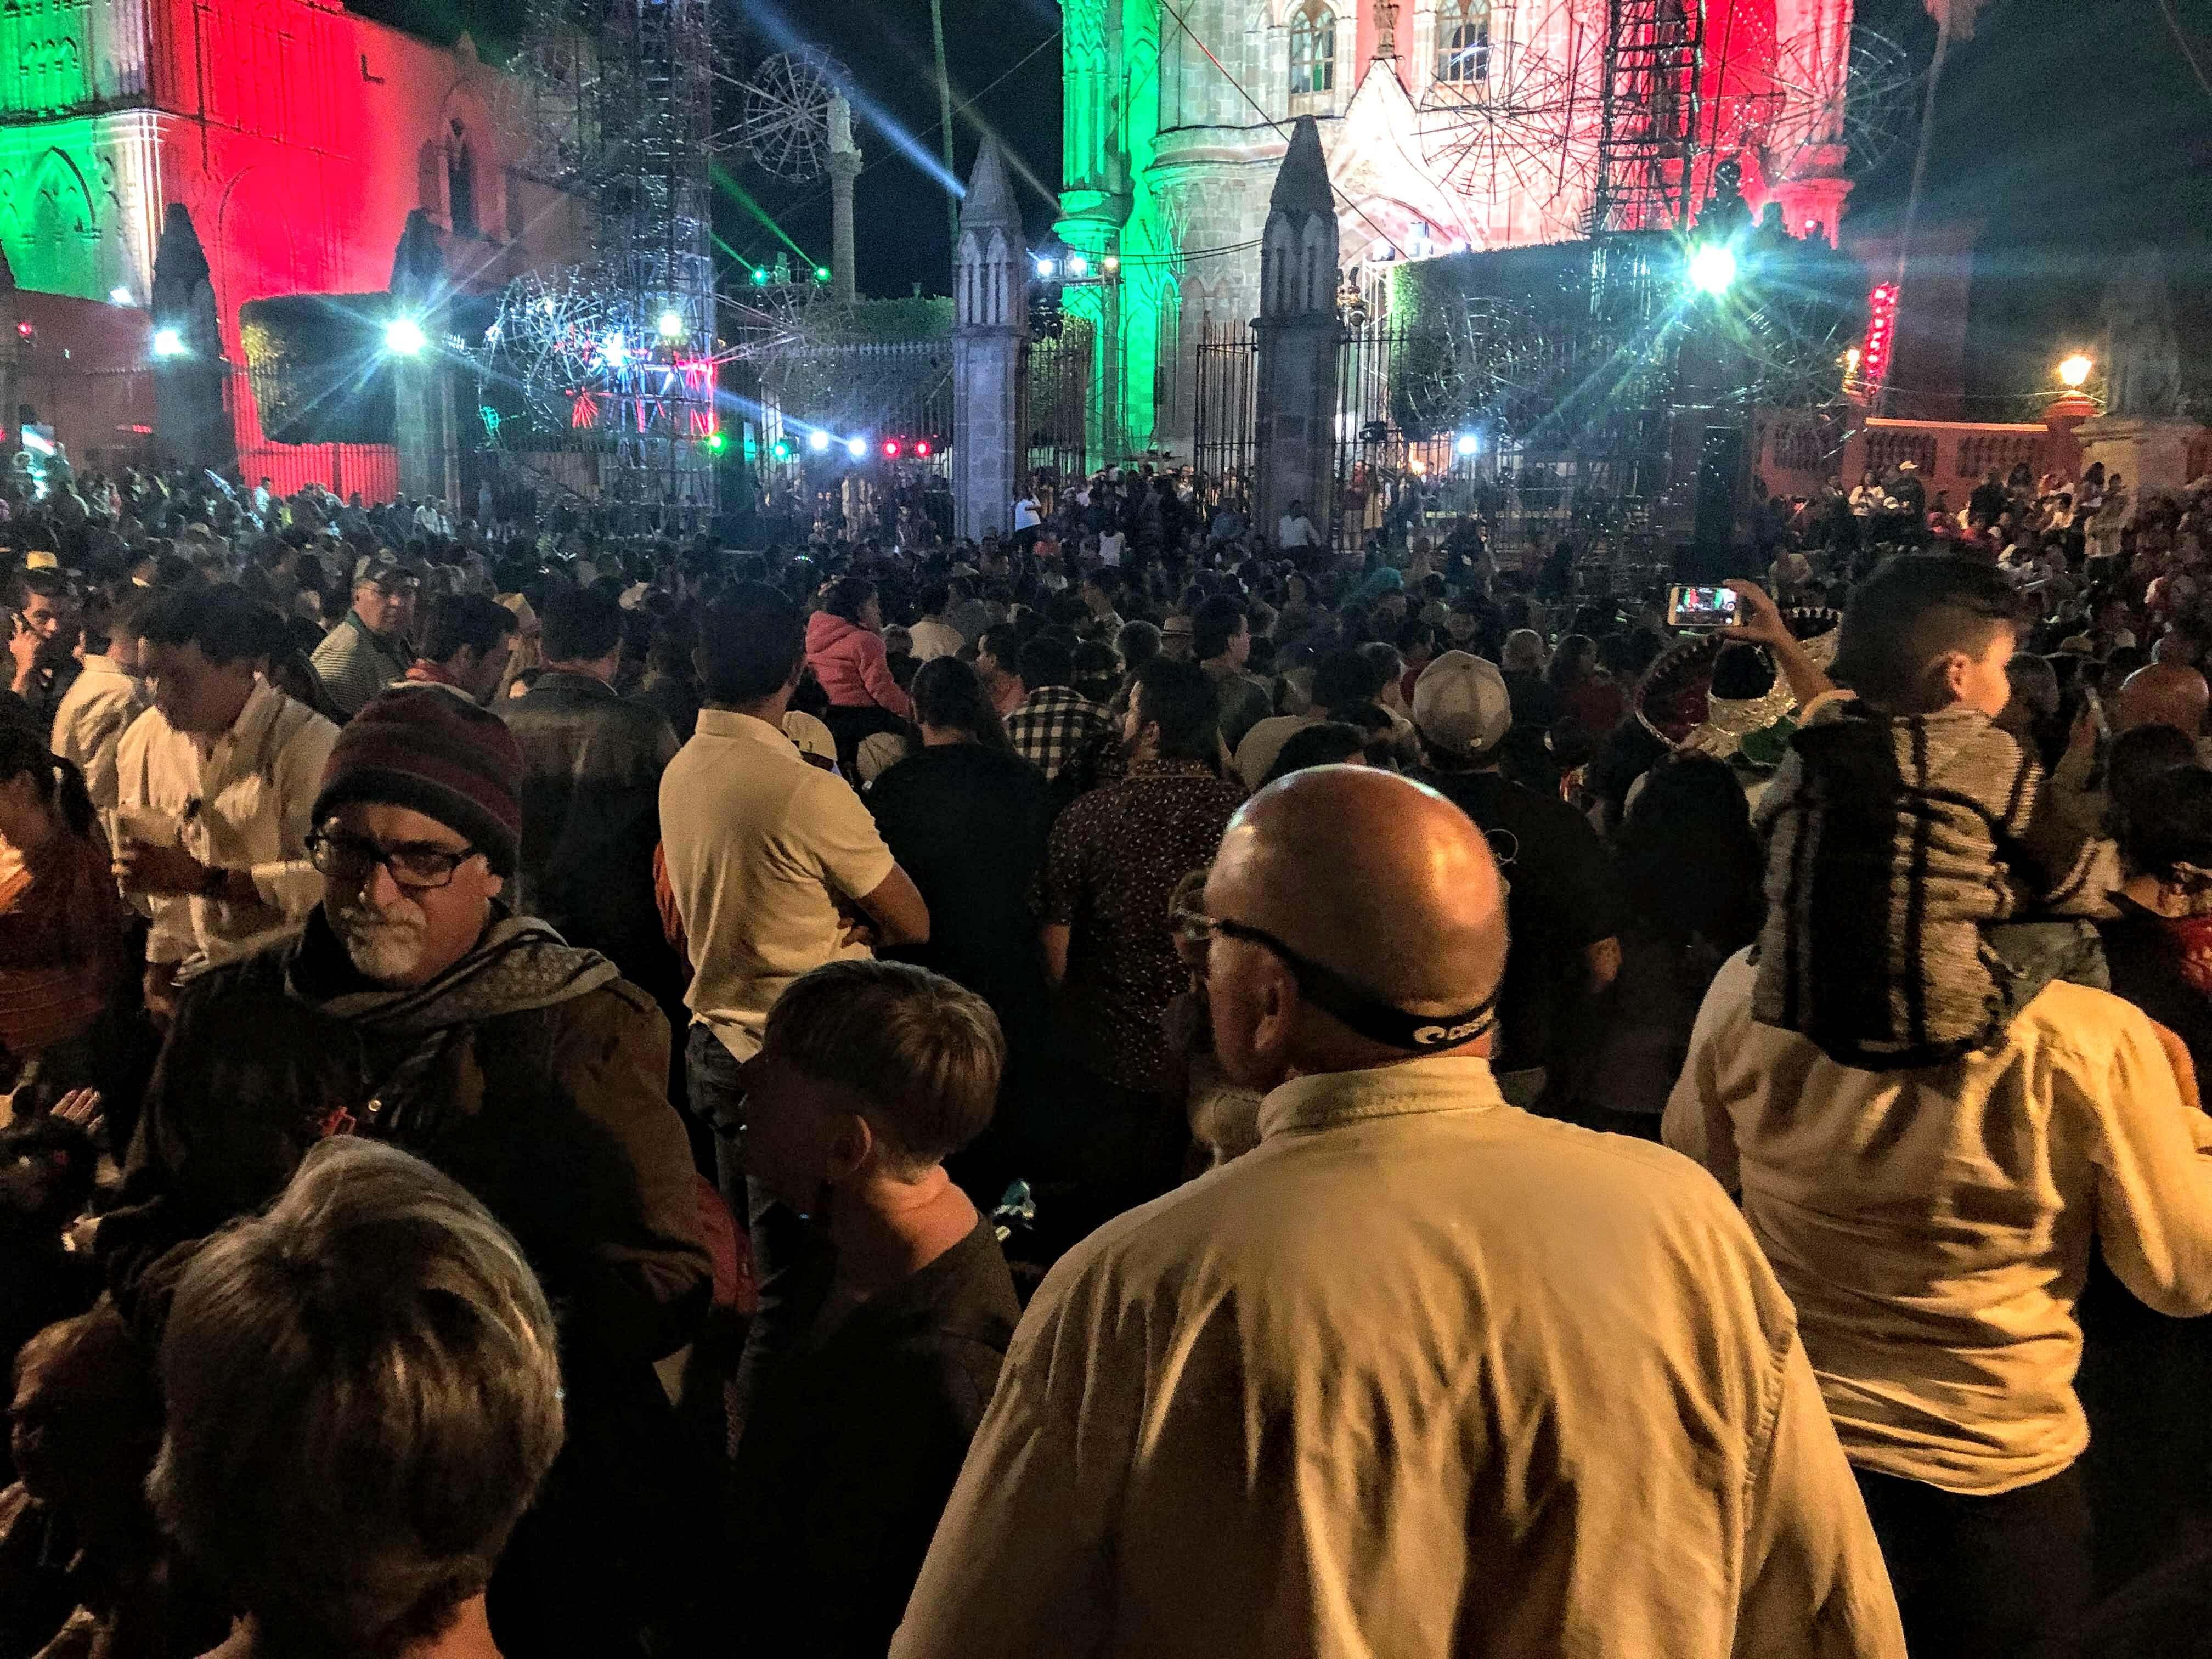 crowds during Grito de Dolores in San Miguel de Allende